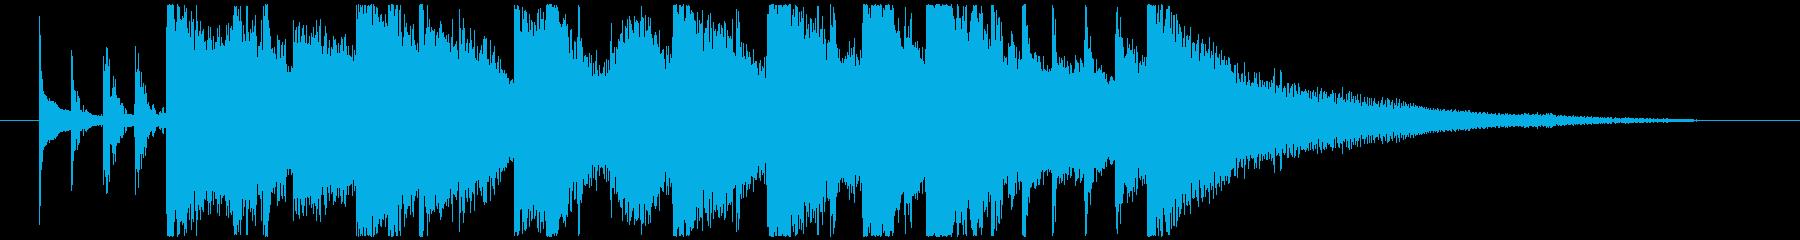 シタールによるインド風妖艶なロゴCの再生済みの波形